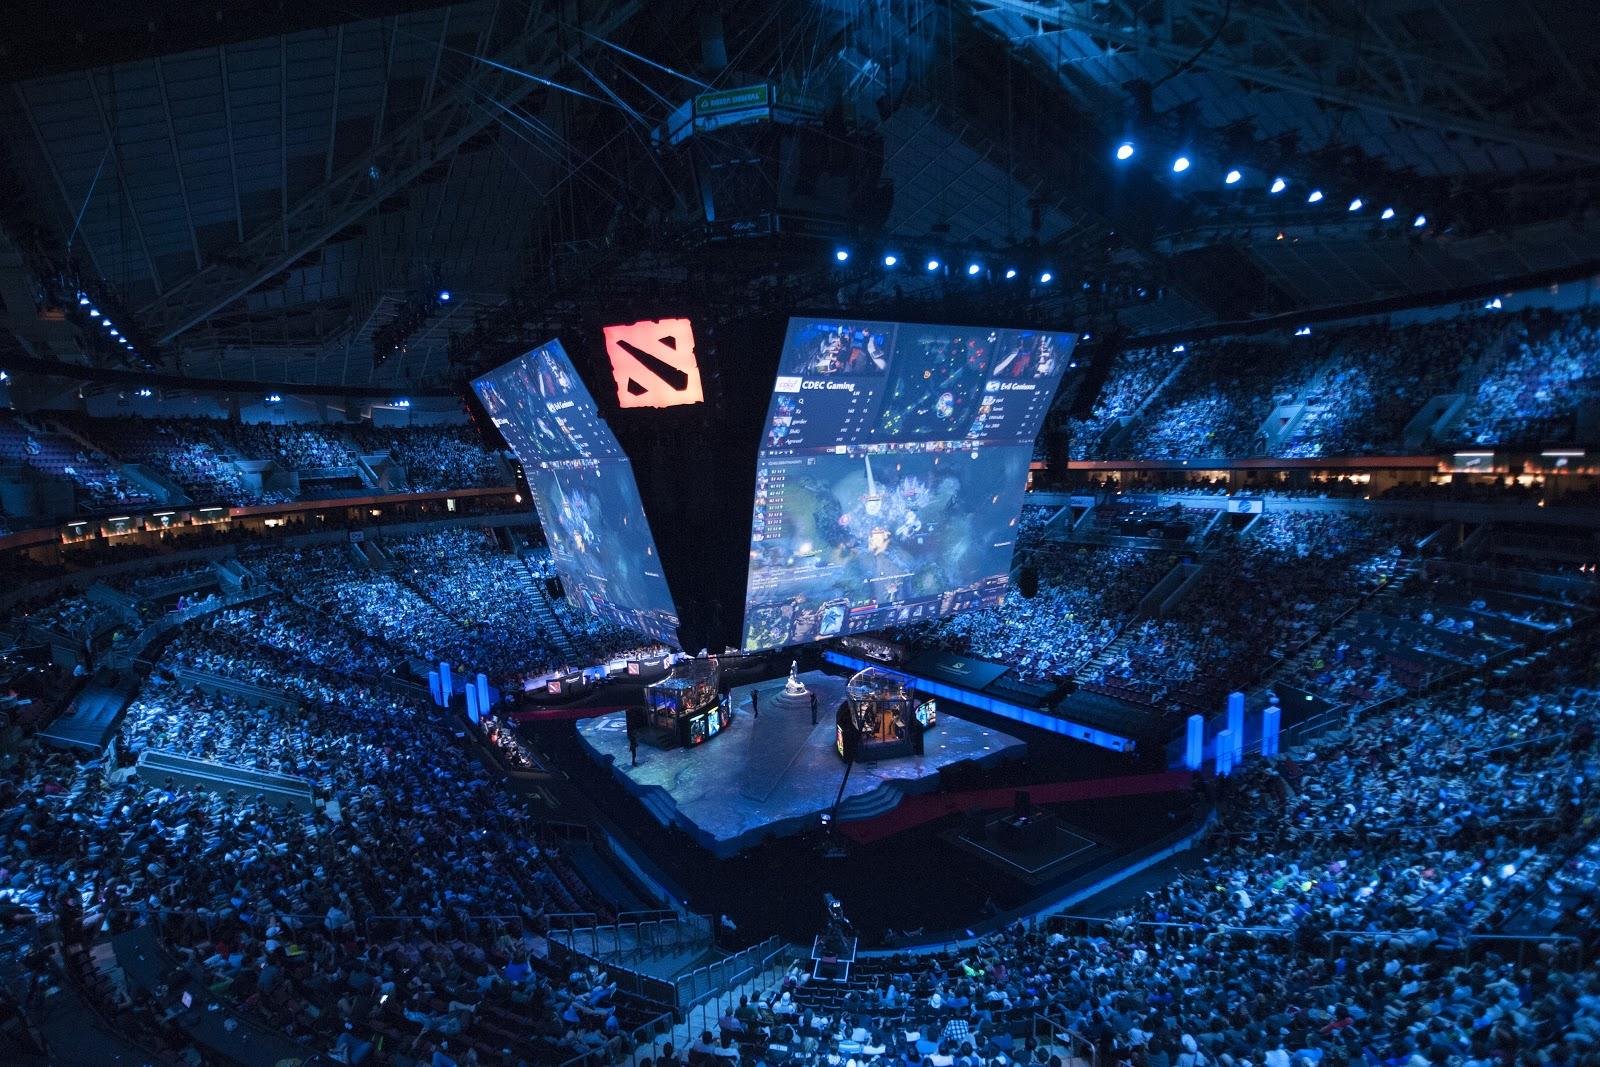 «Дота 2» привлекает игроков и зрителей самыми крупными в киберспорте призовыми. В 2017 году их сумма составила 38 млн долларов, причем 25 из них разыгрывались на главном турнире — «Зе-интернешнл»